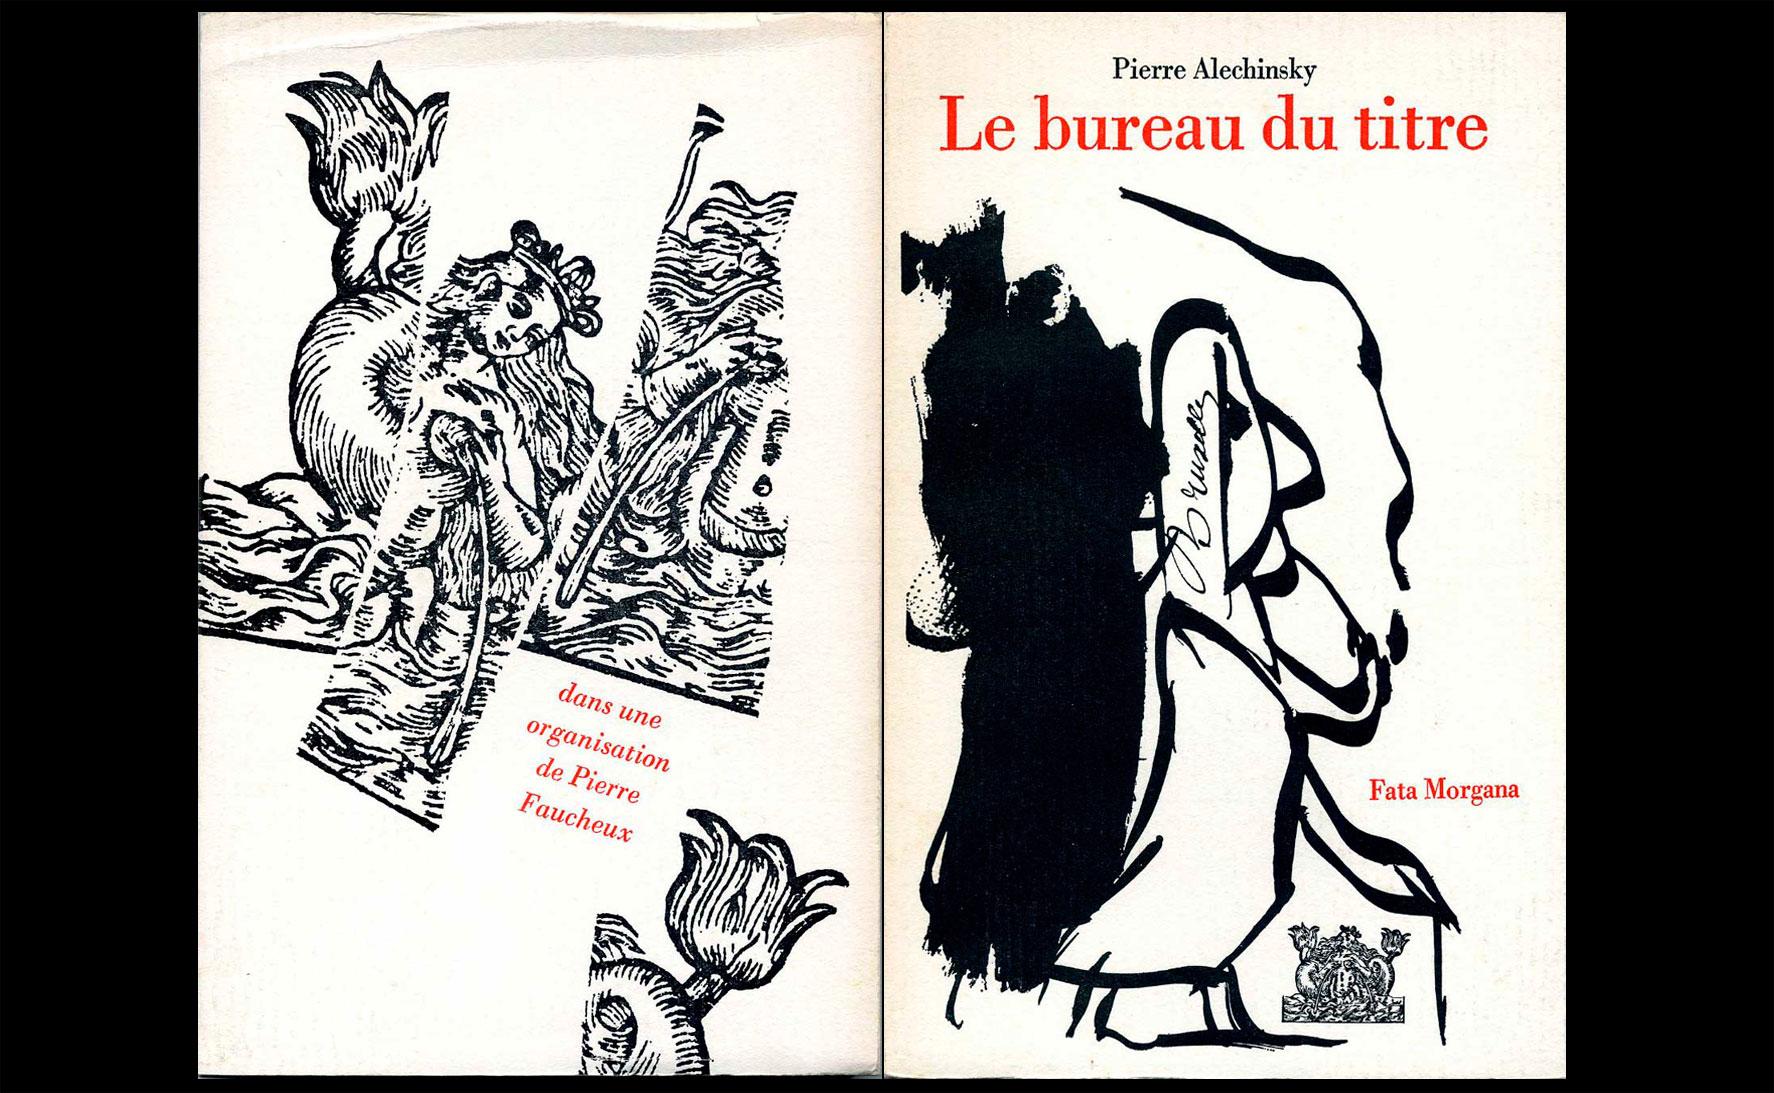 Le-Bureau-des-titres-Pierre-Faucheux-1983-couverture